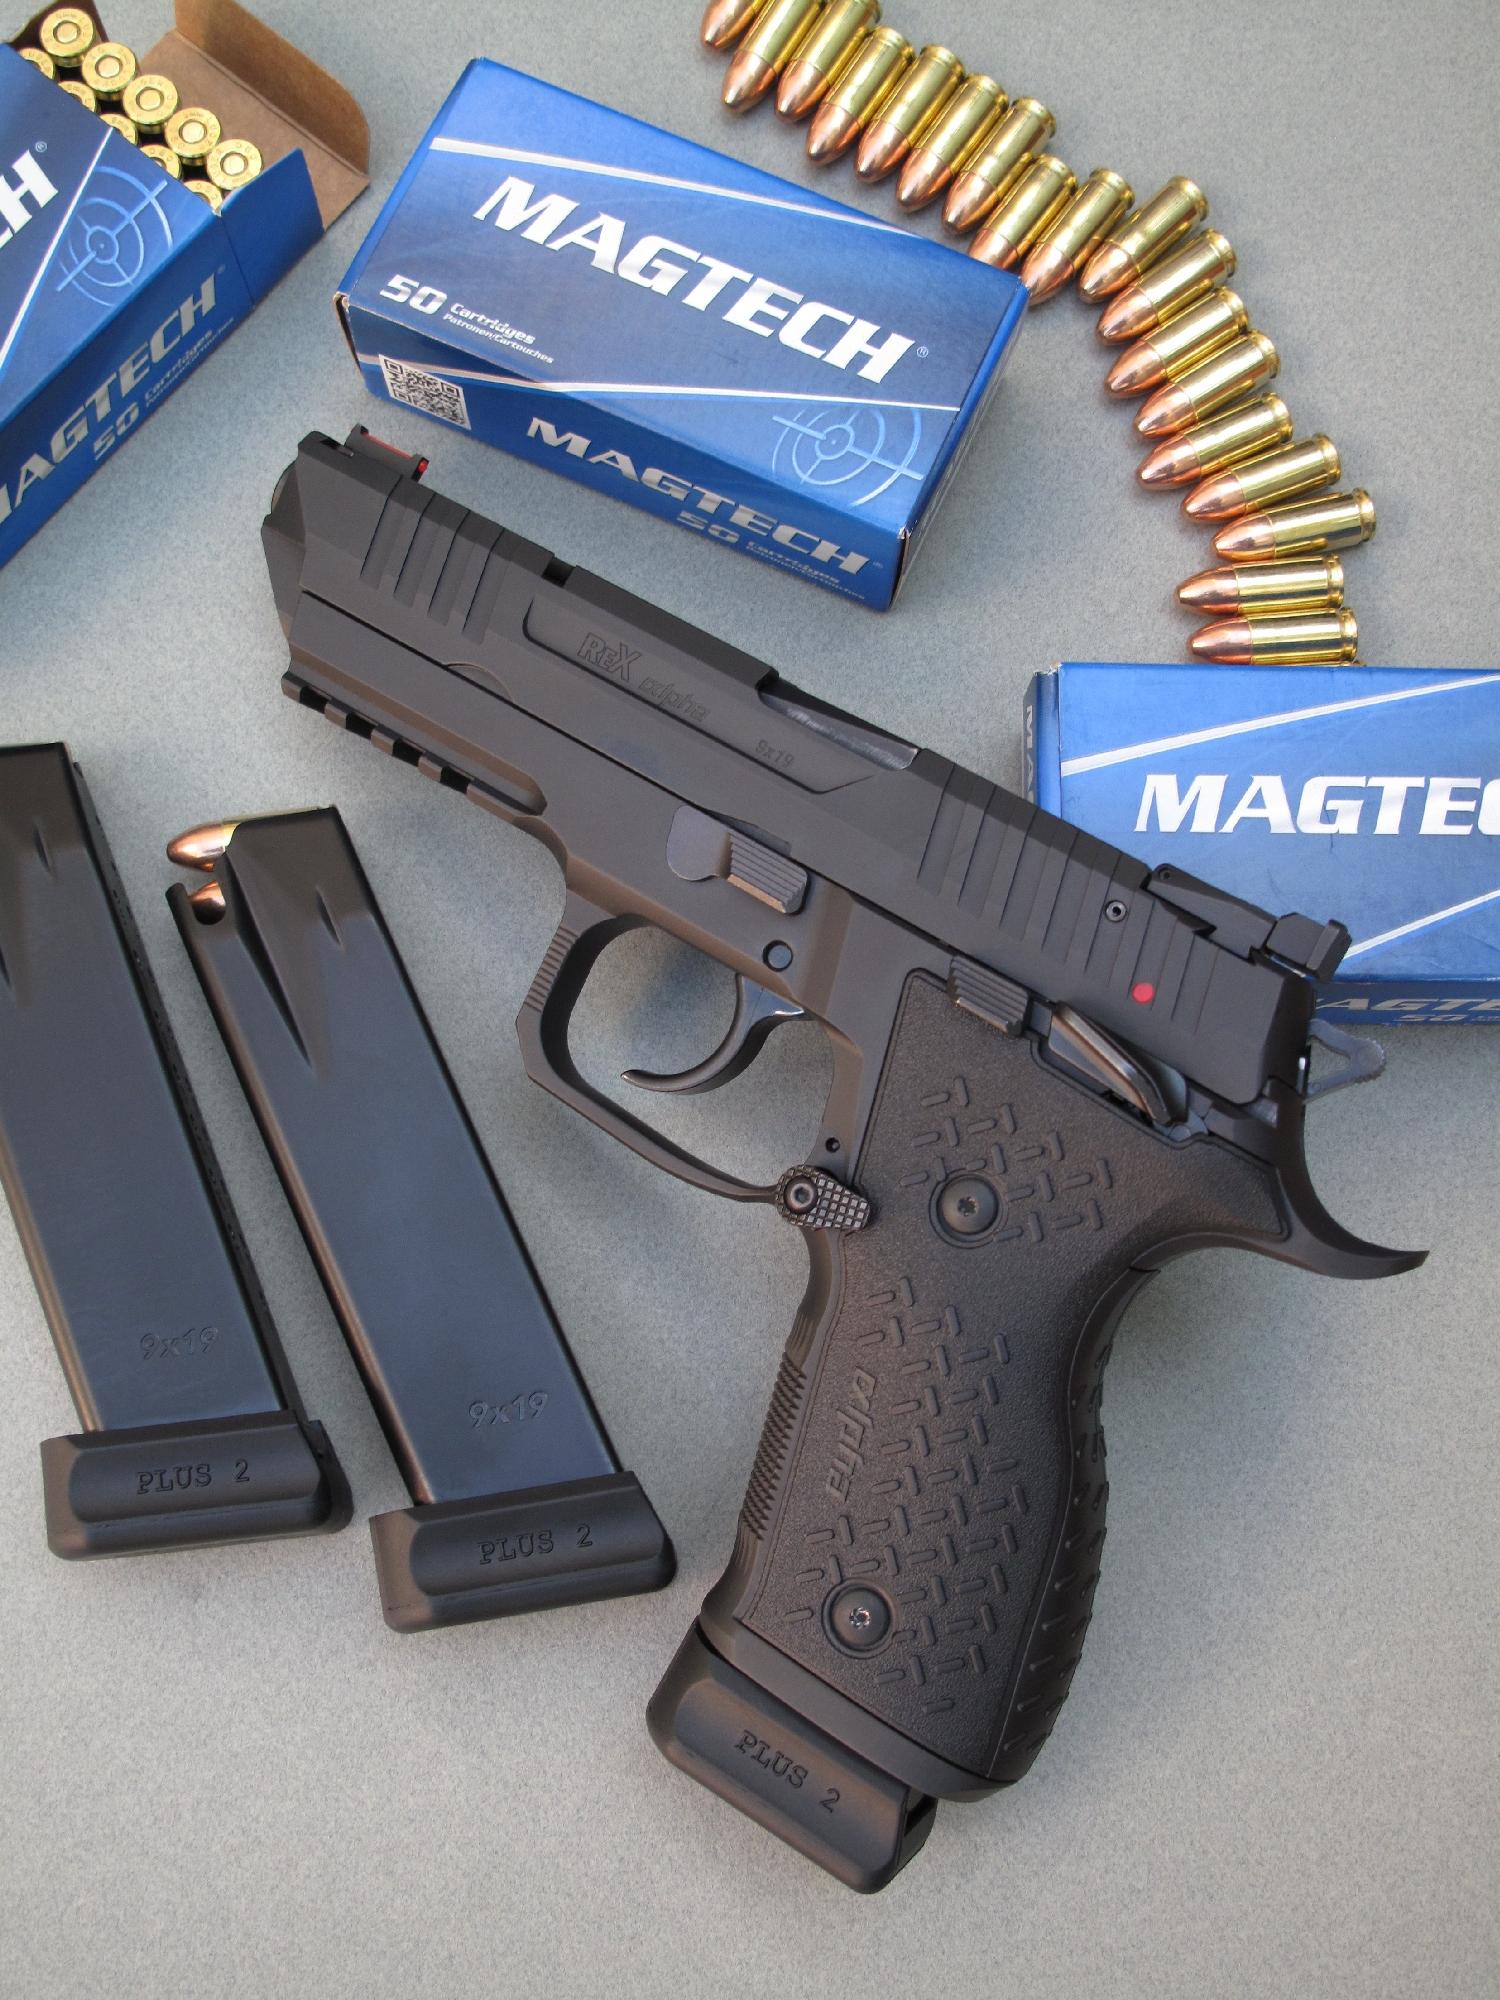 Le pistolet REX alpha se démarque par son canon de cinq pouces, sa glissière allongée et allégée, ses chargeurs à grande capacité, ses commandes ambidextres et ses éléments de visée qui se composent d'une hausse réglable et d'un guidon à fibre optique.